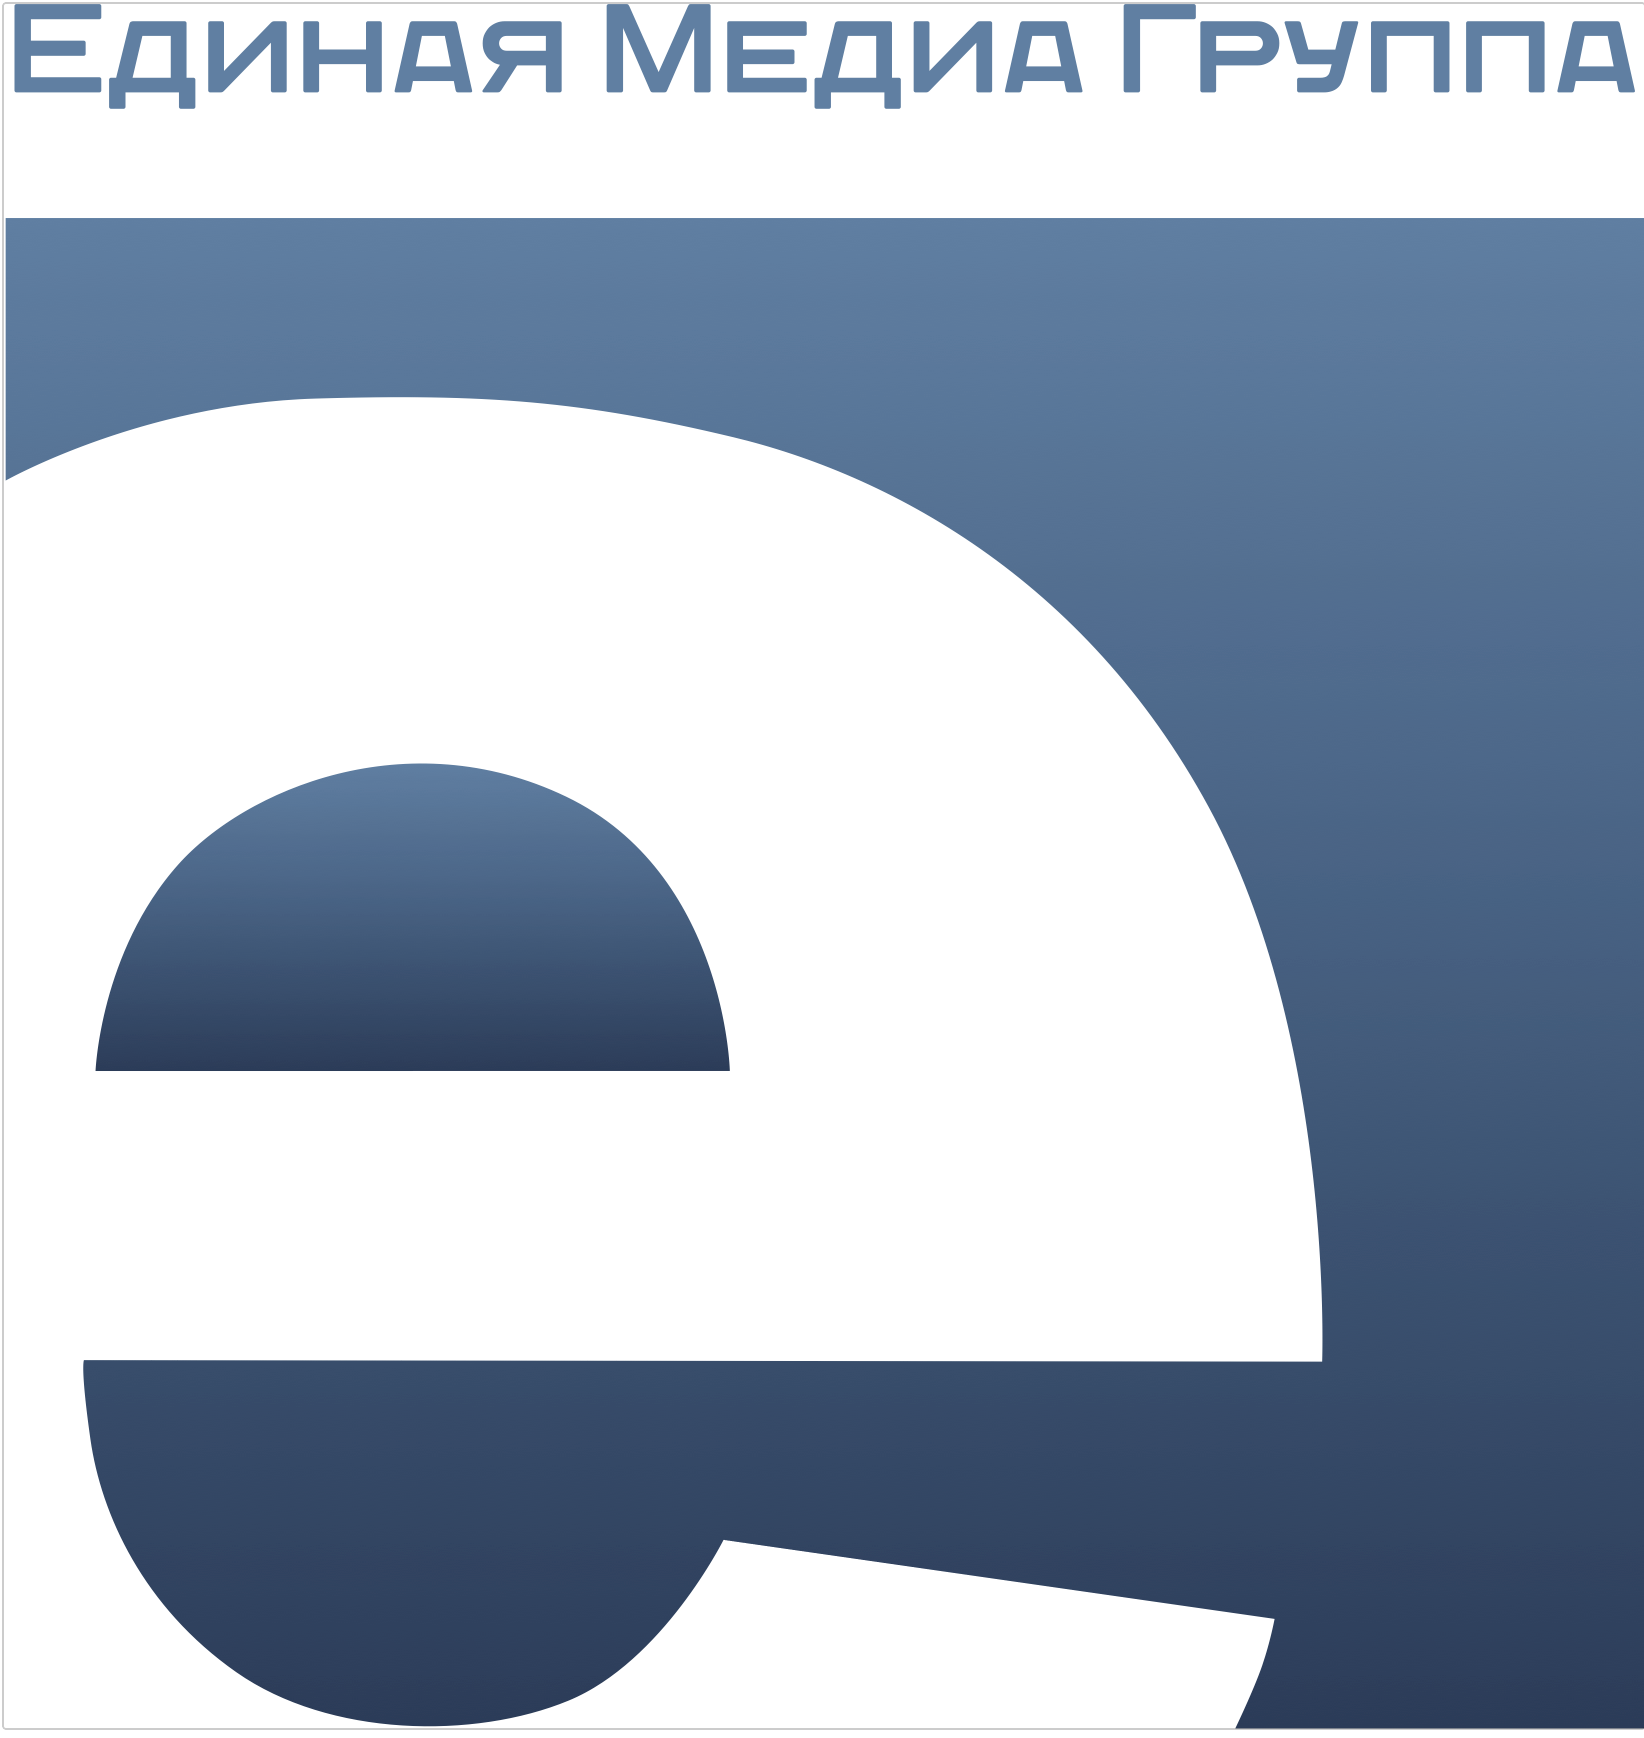 Компания единая медиа группа сайт размещение ссылок в ютубе